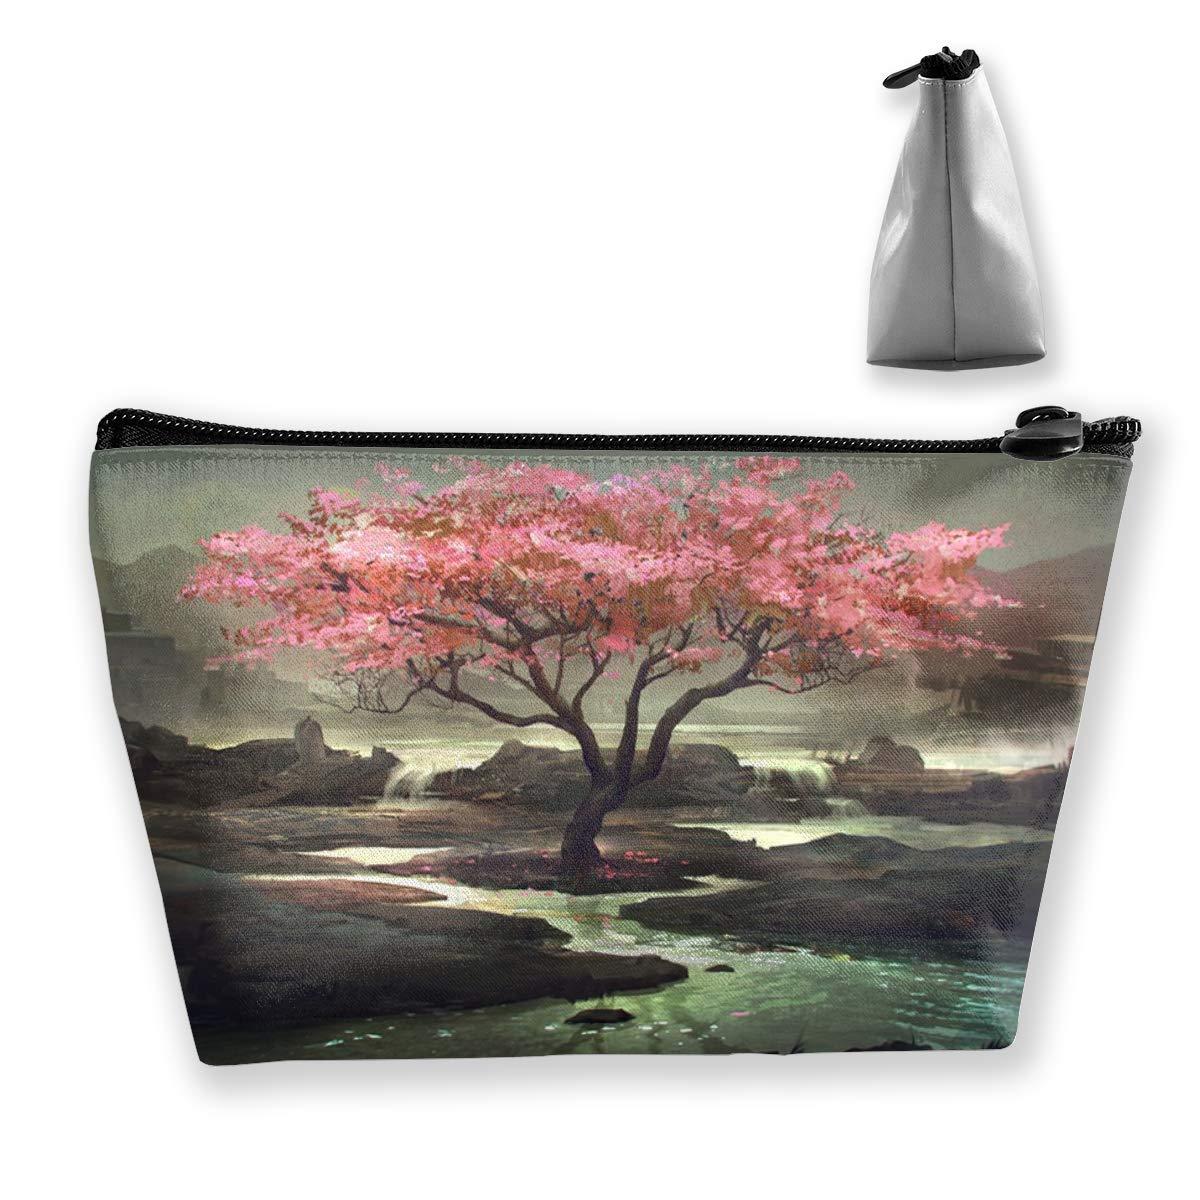 Bolsas de cosméticos de viaje con flores de cerezo japonesas Estuche de lápices Bolsa multifunción